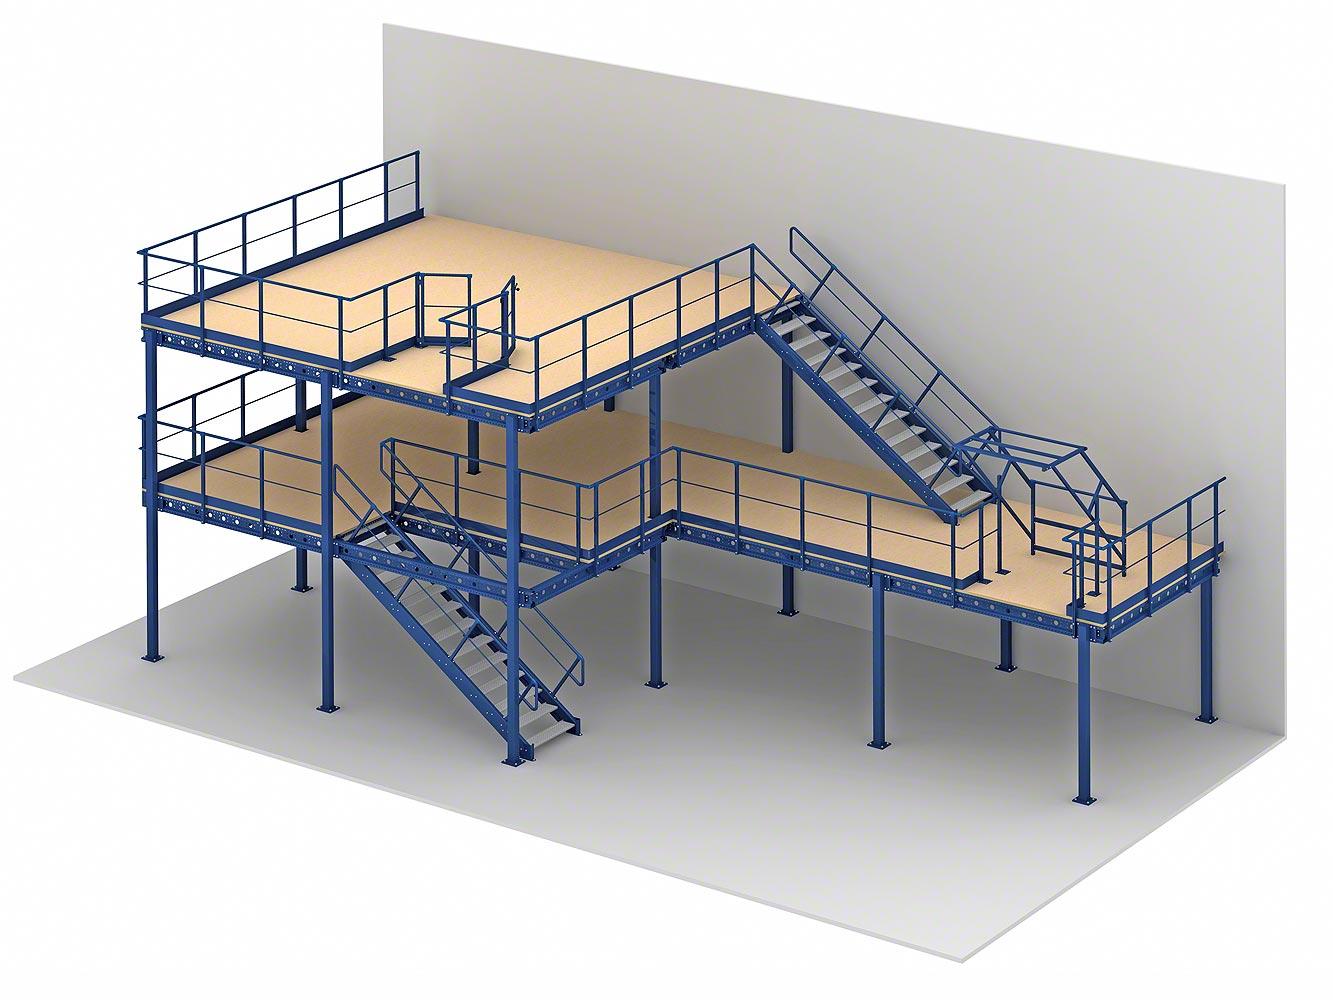 楼面板通常选用冷轧型钢楼板,花纹钢楼板或钢格栅楼板.